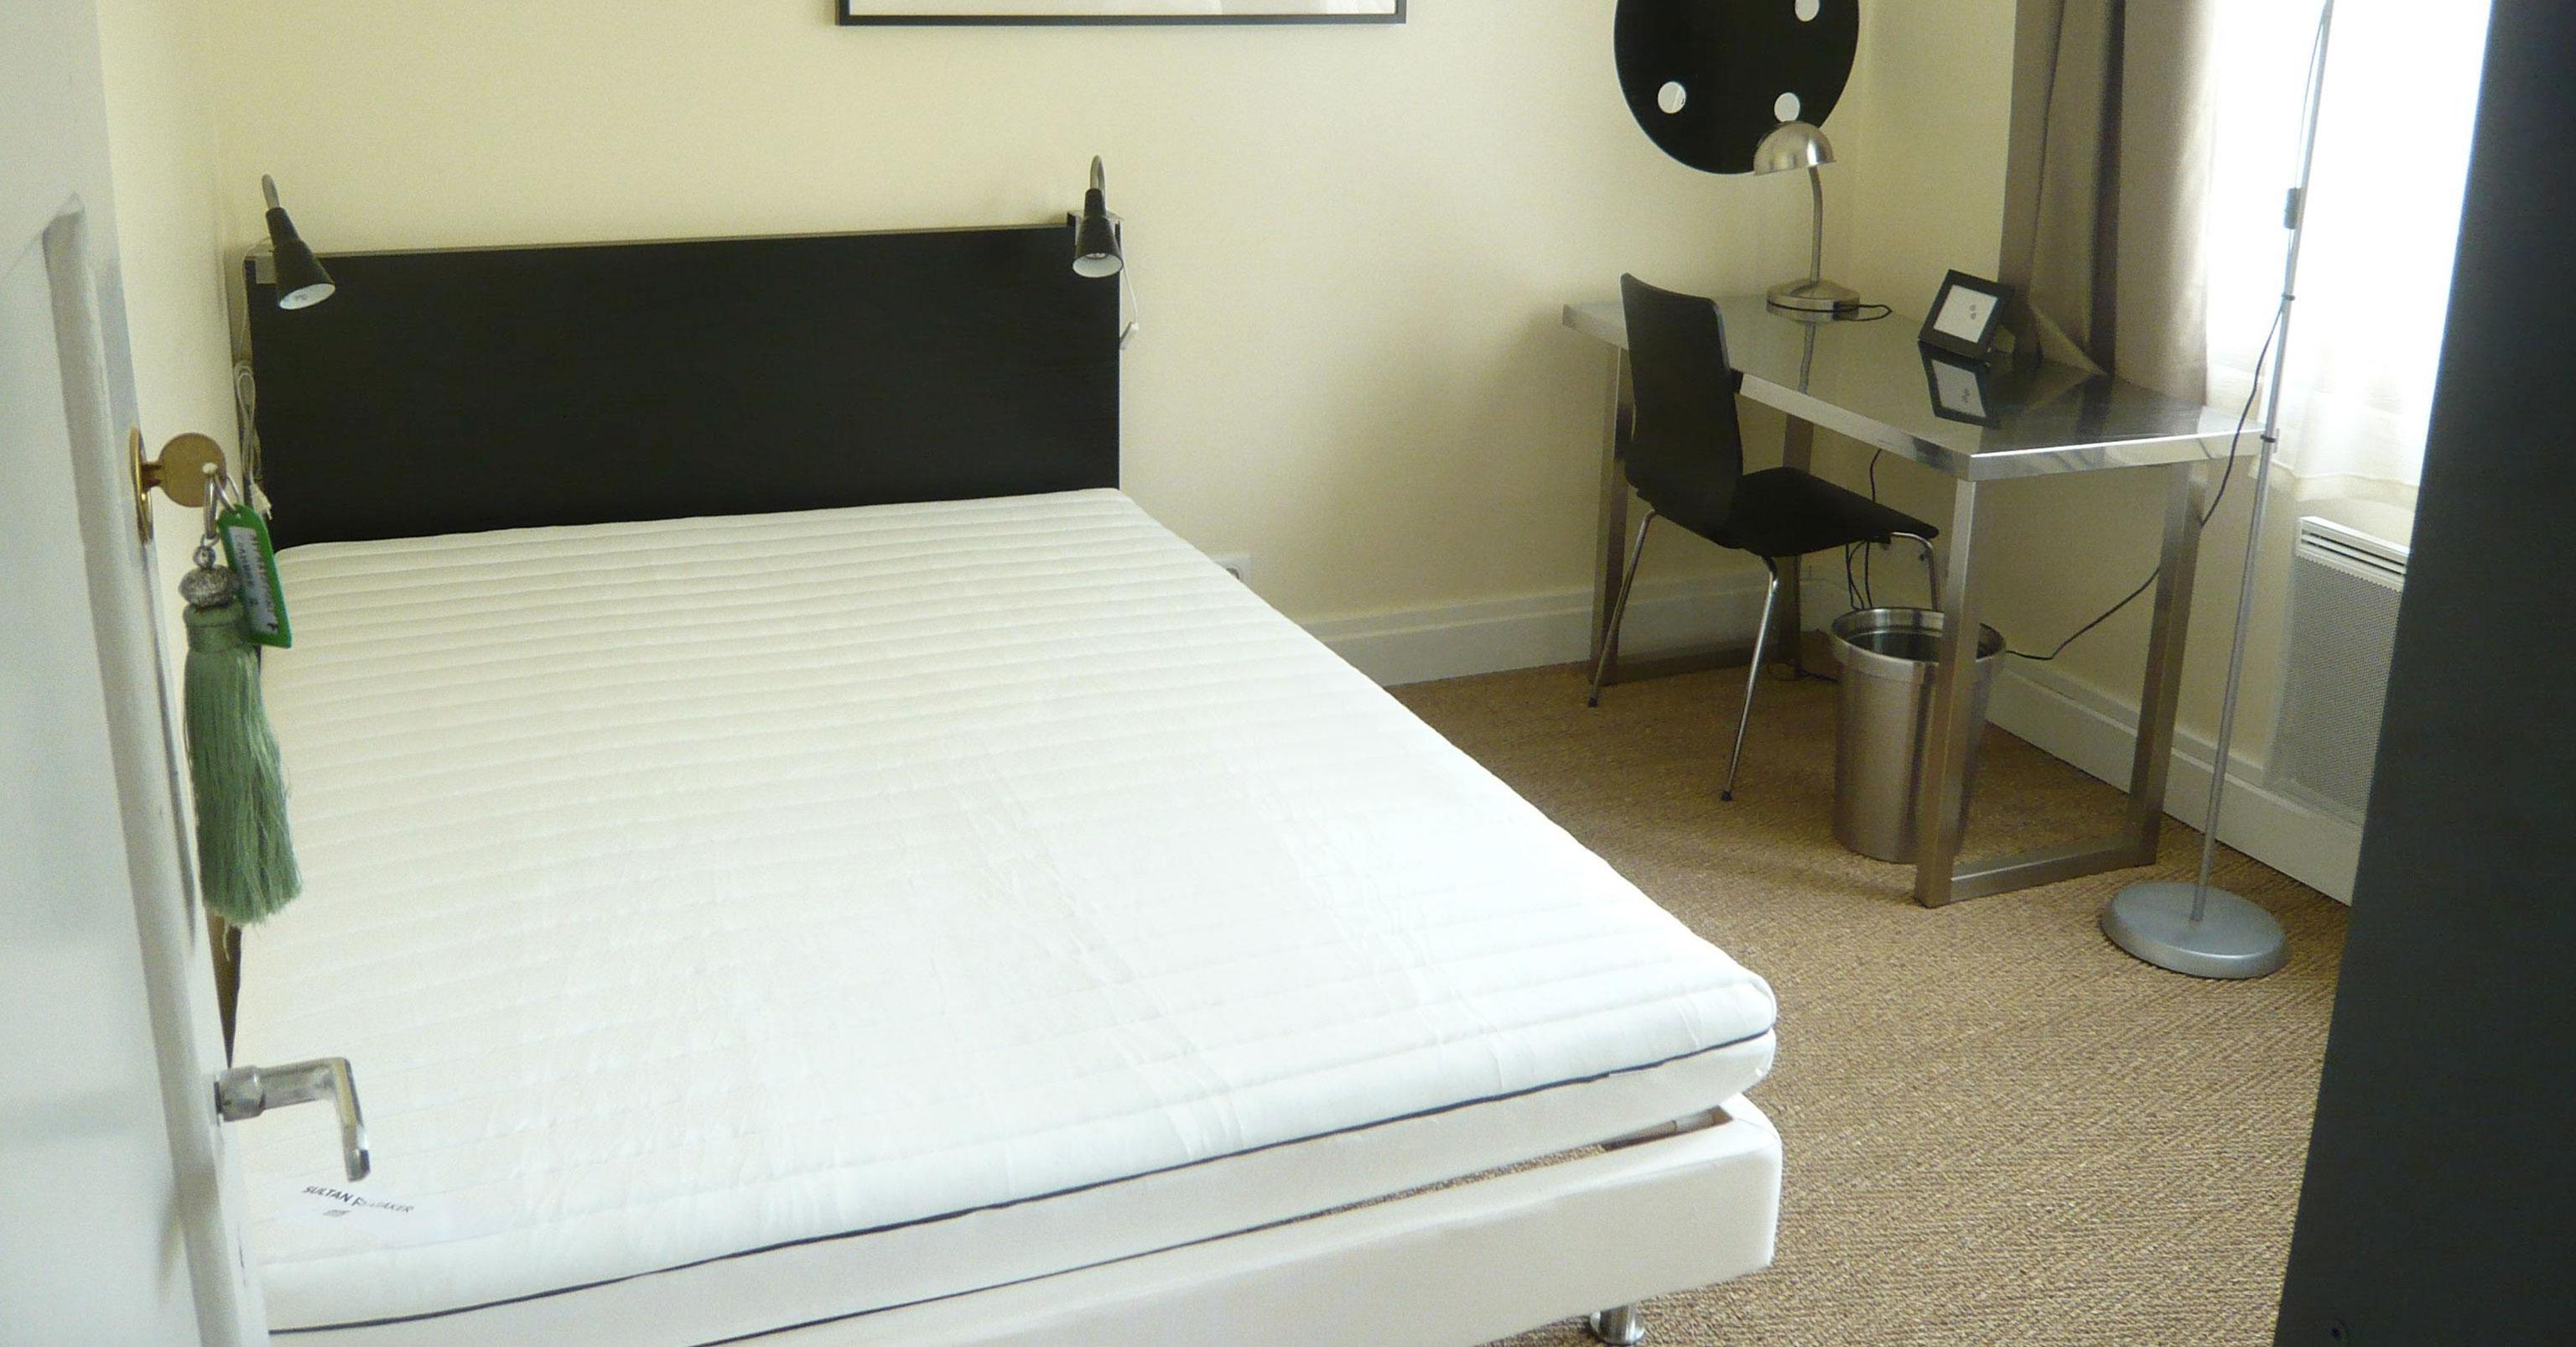 appartement meublé versailles Fushia chambre